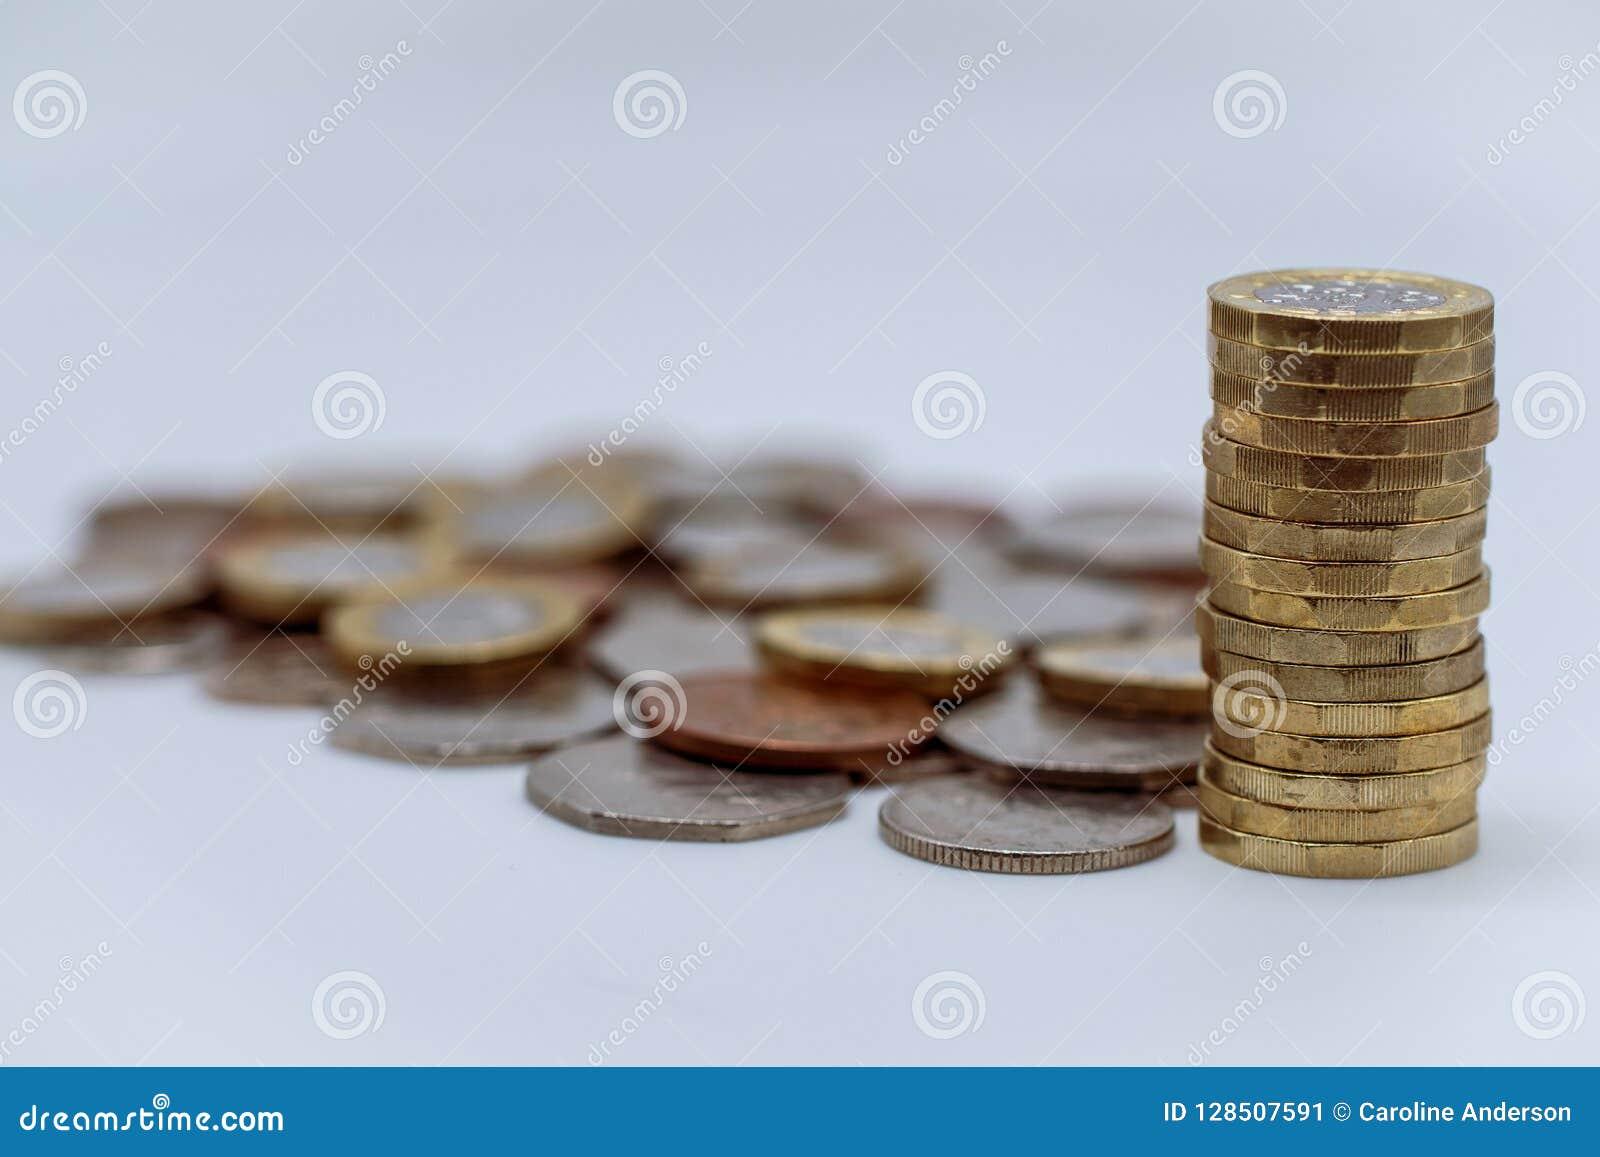 Χρήματα μια επιλογή των βρετανικών νομισμάτων